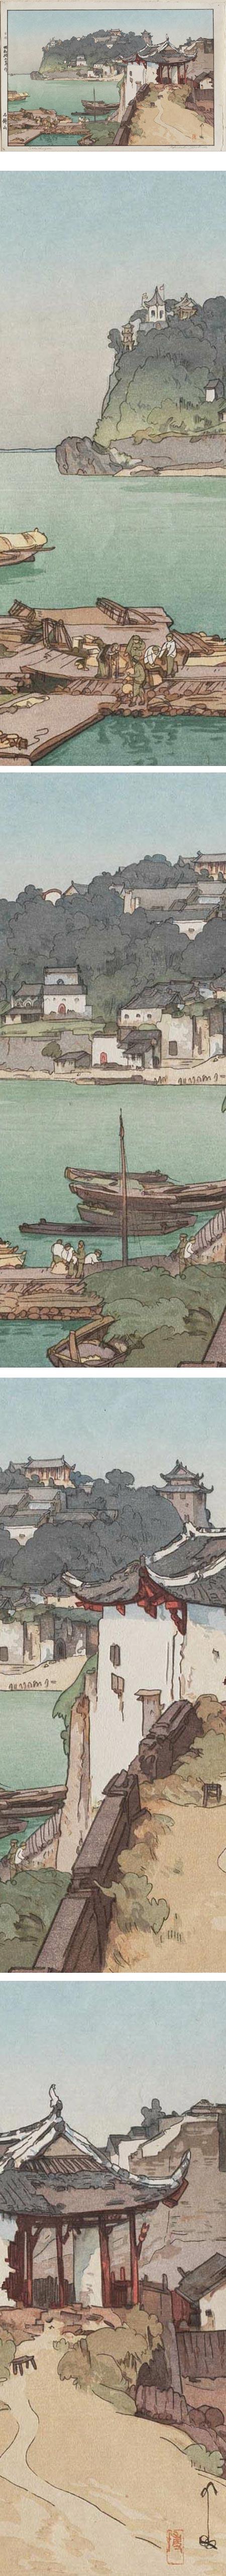 Hiroshi Yoshida woodblock print